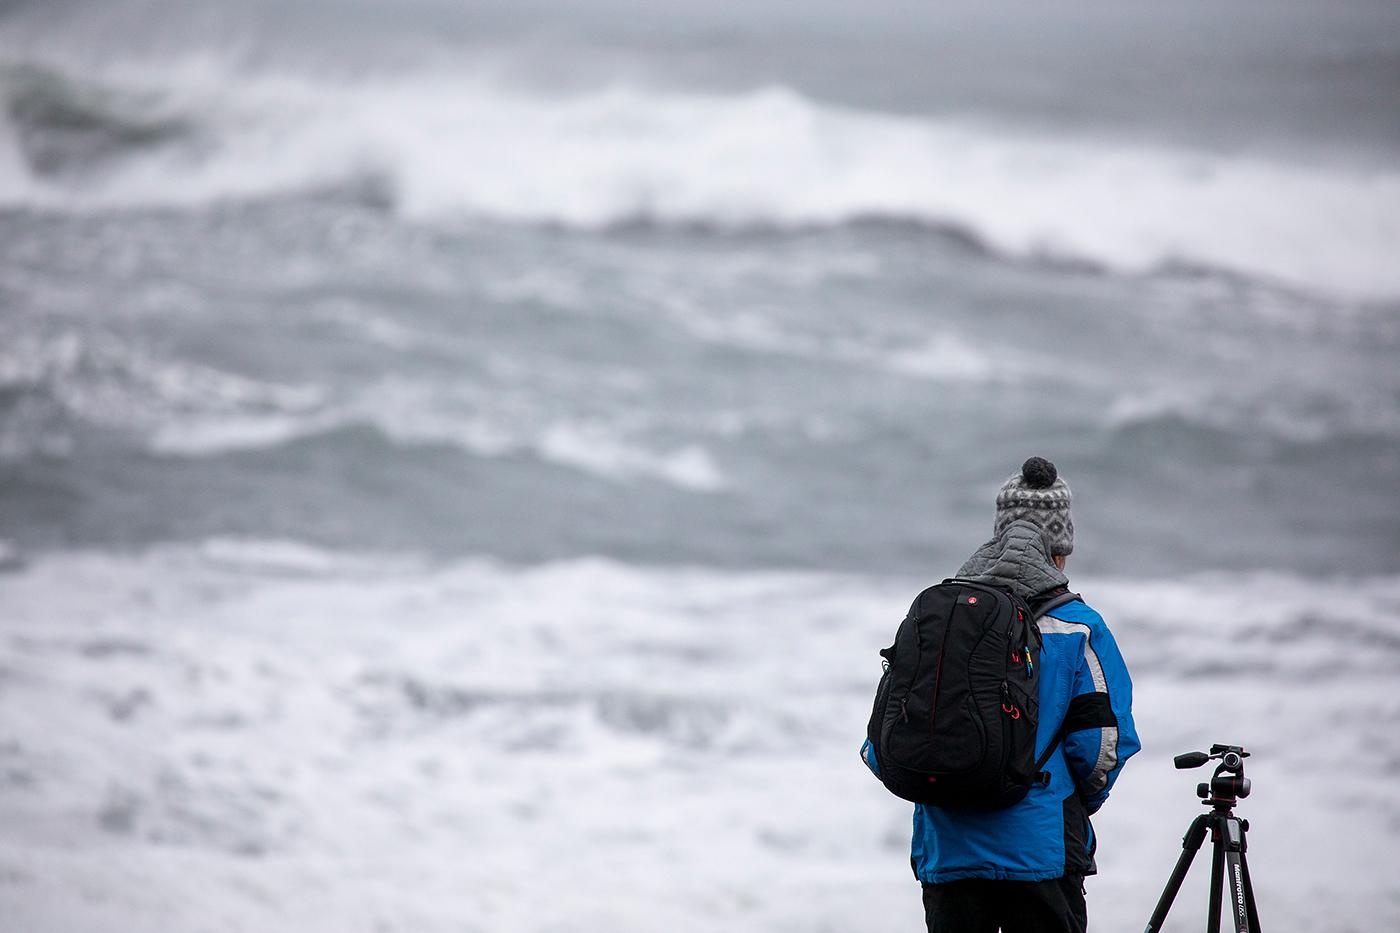 Das leben kommt in Wellen